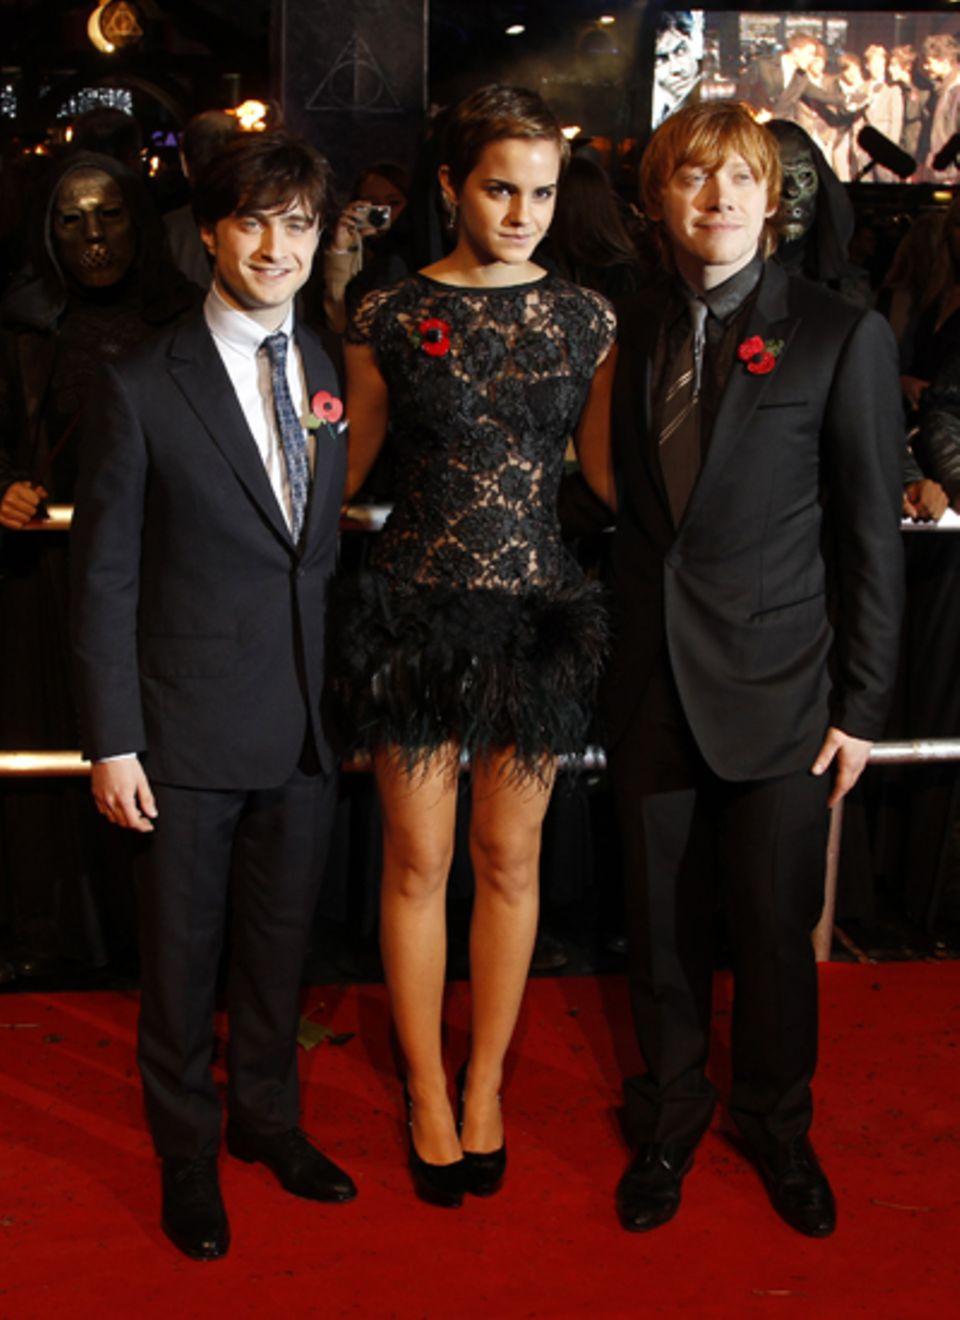 Die Hauptakteure zusammen auf dem roten Teppich in London: Daniel Radcliffe, Emma Watson und Rupert Grint.